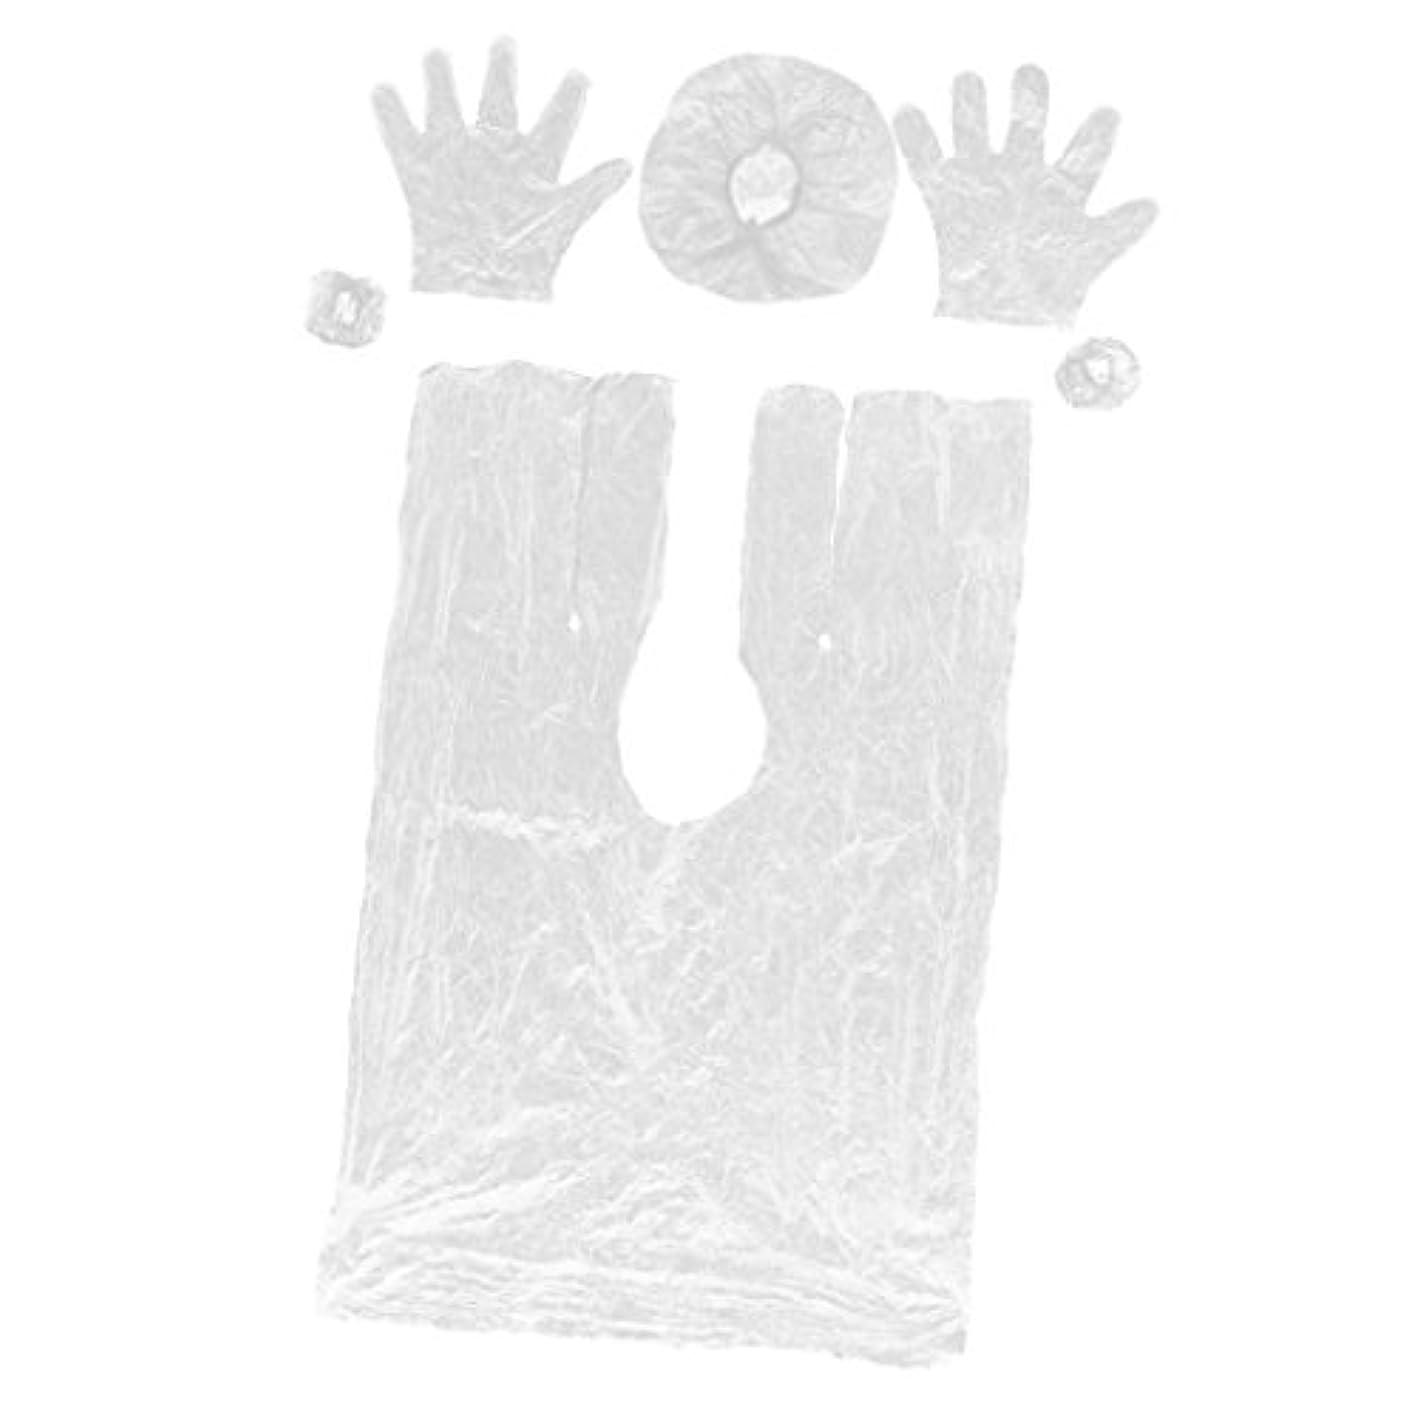 つづり救出生態学Toygogo ツール弾性キャップ、理髪ガウンケープショール、手袋、イヤーキャップイヤーマフセットを使用した使い捨てスパヘアサロンカラー染料キットの着色